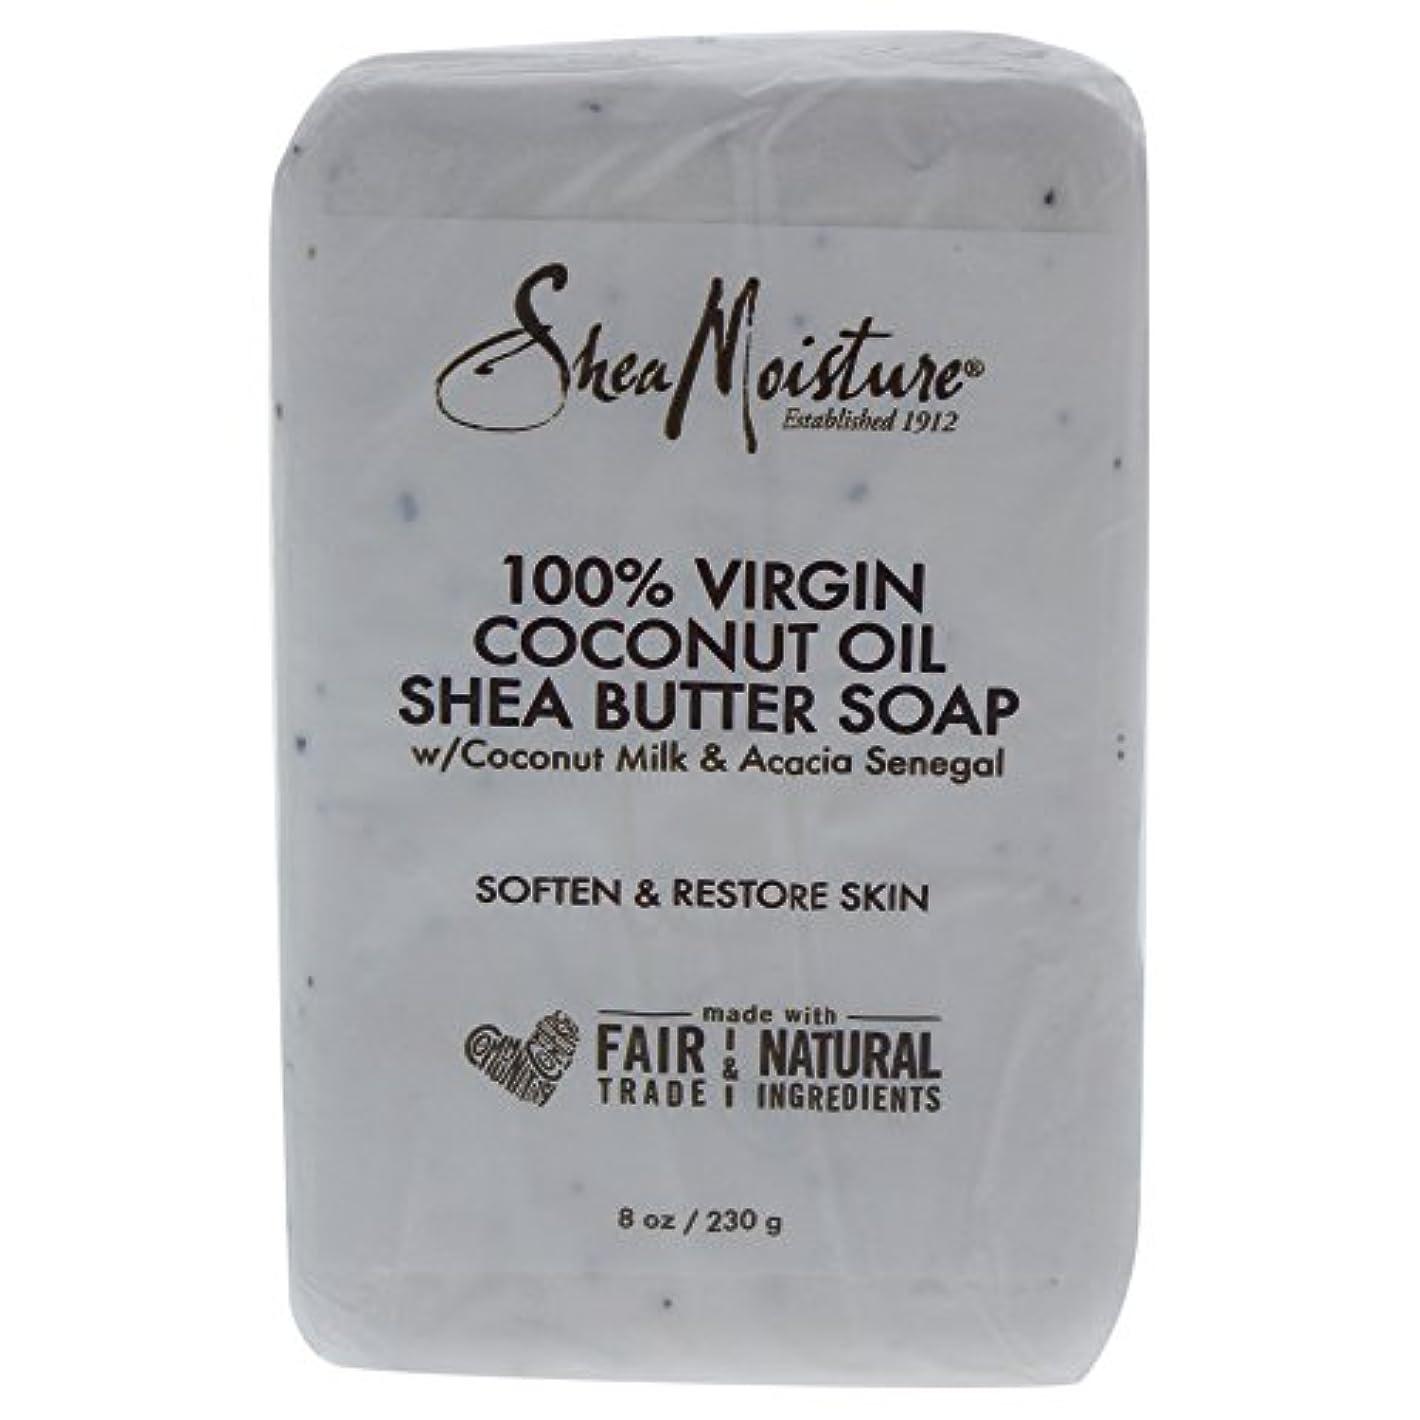 慈悲深い脚本休戦Shea Moisture バーソープ (100% Virgin Coconut Oil Shea Butter Soap)